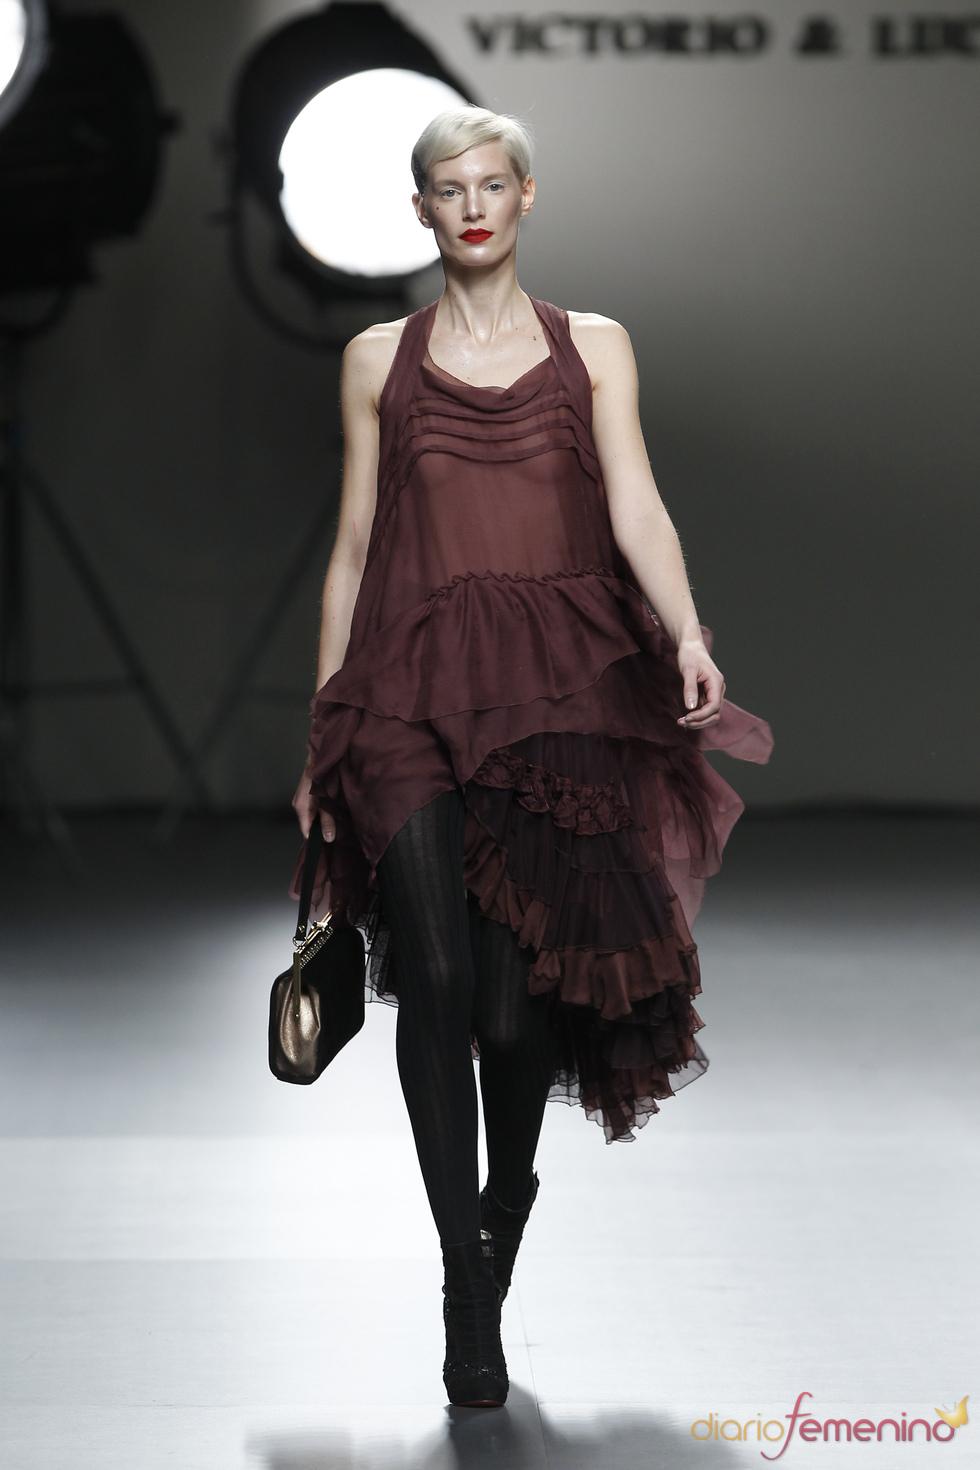 Propuesta de Victorio & Lucchino en Cibeles Madrid Fashion Week 2011